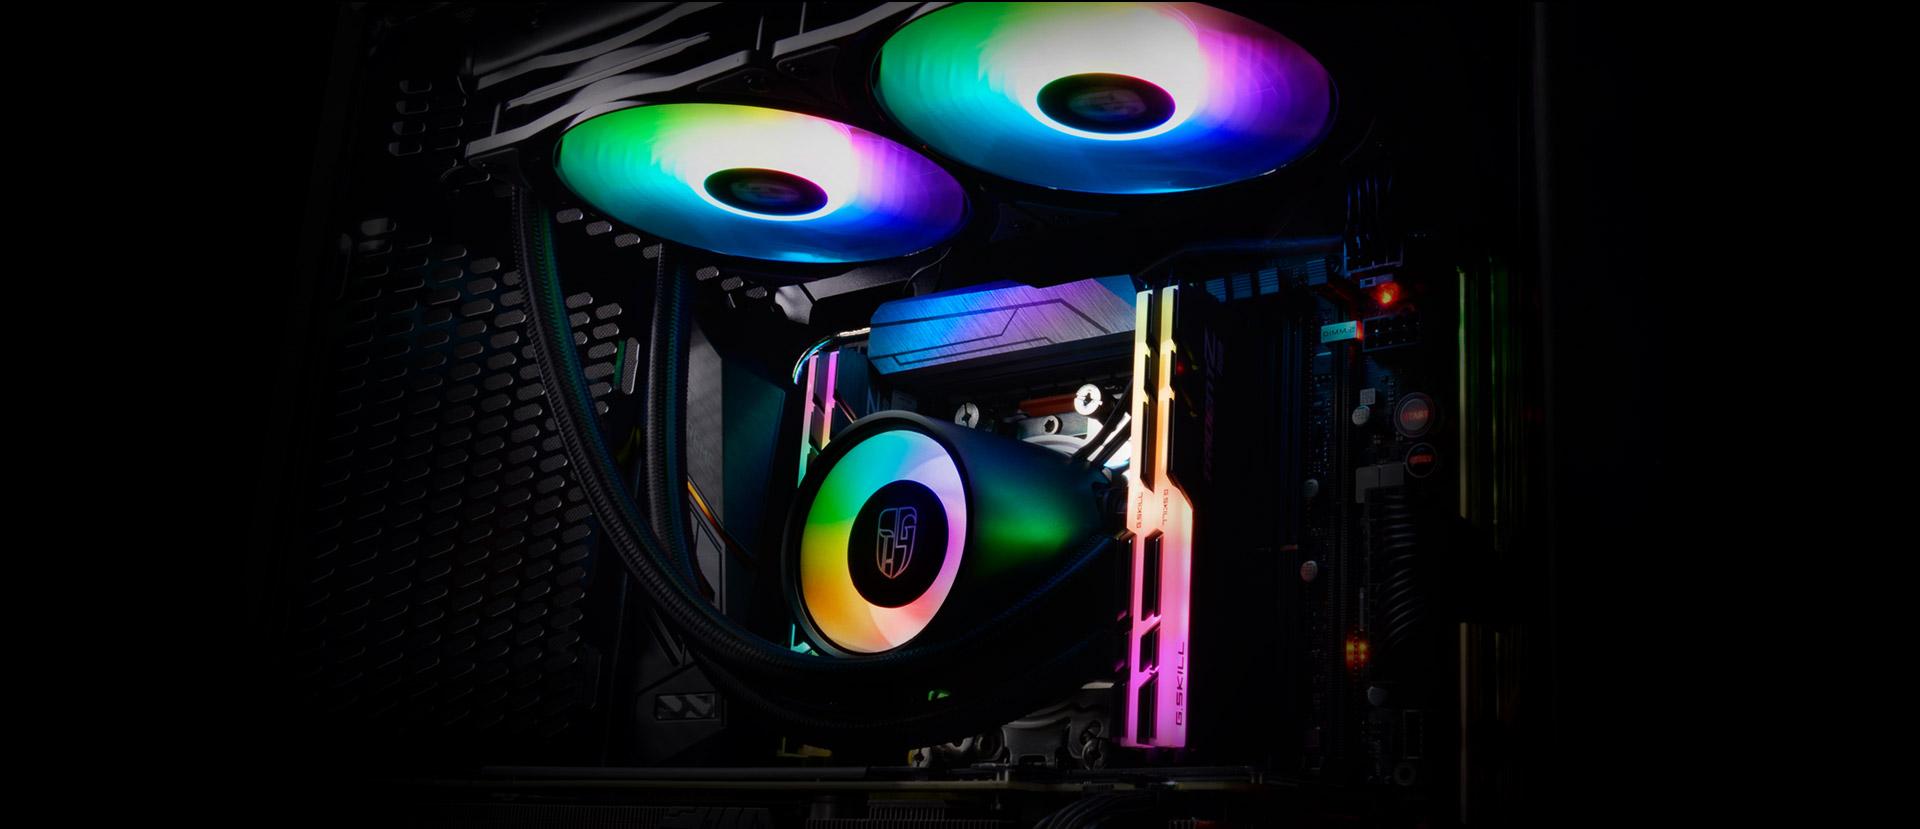 Castle 280 RGB GAMER STORM CPU LIQUID COOLER